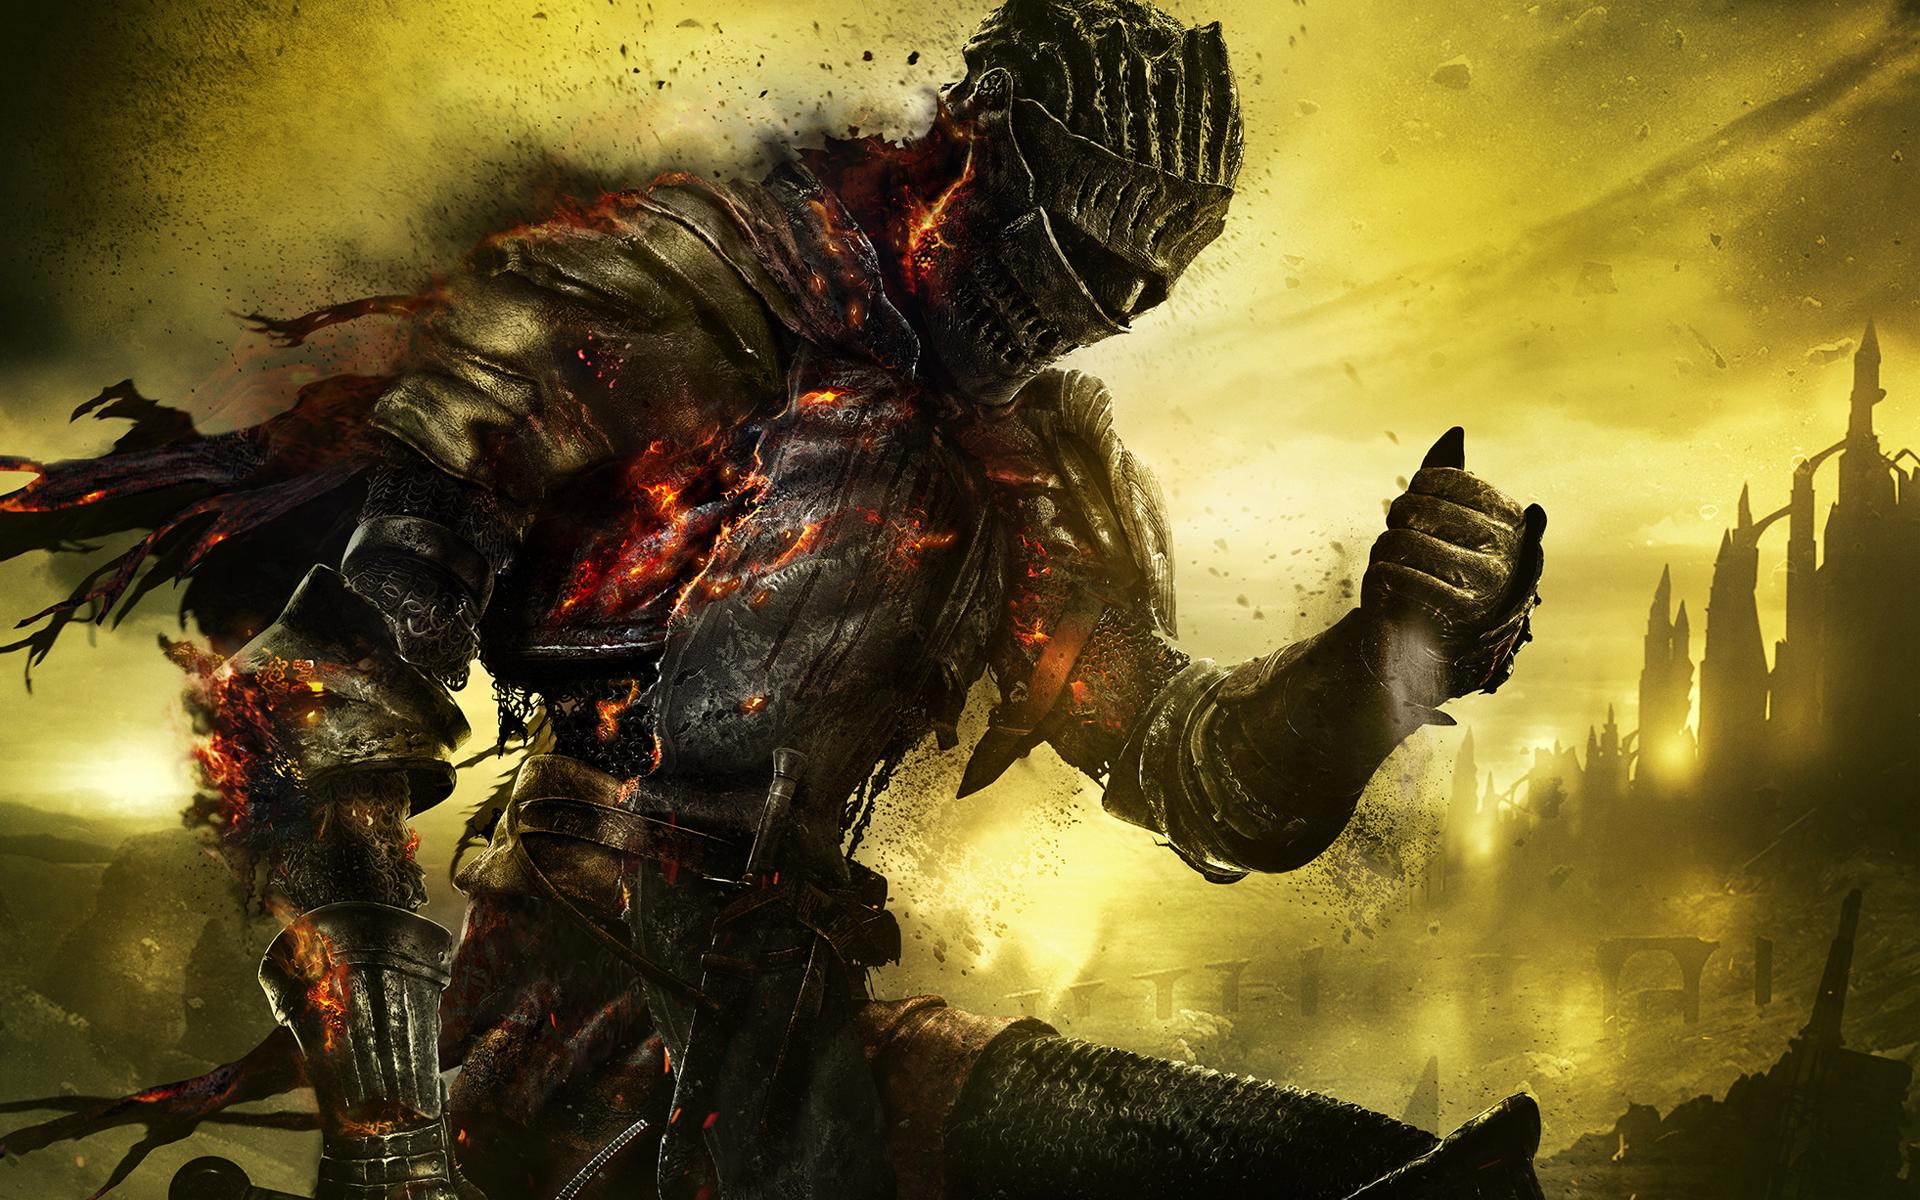 Jogador vence todos os chefes de Dark Souls III em menos de 2 horas no nível 1!